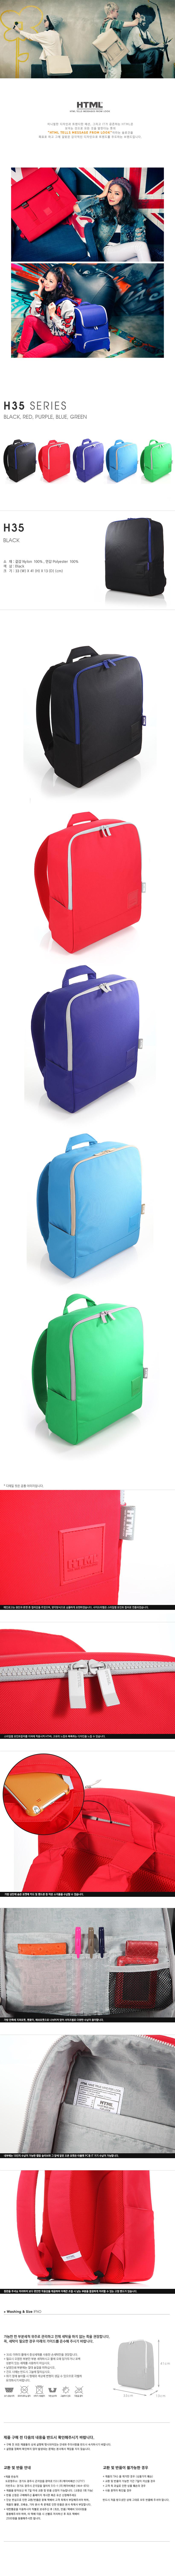 [에이치티엠엘]HTML - H35 backpack (Black/Purple)_인기백팩